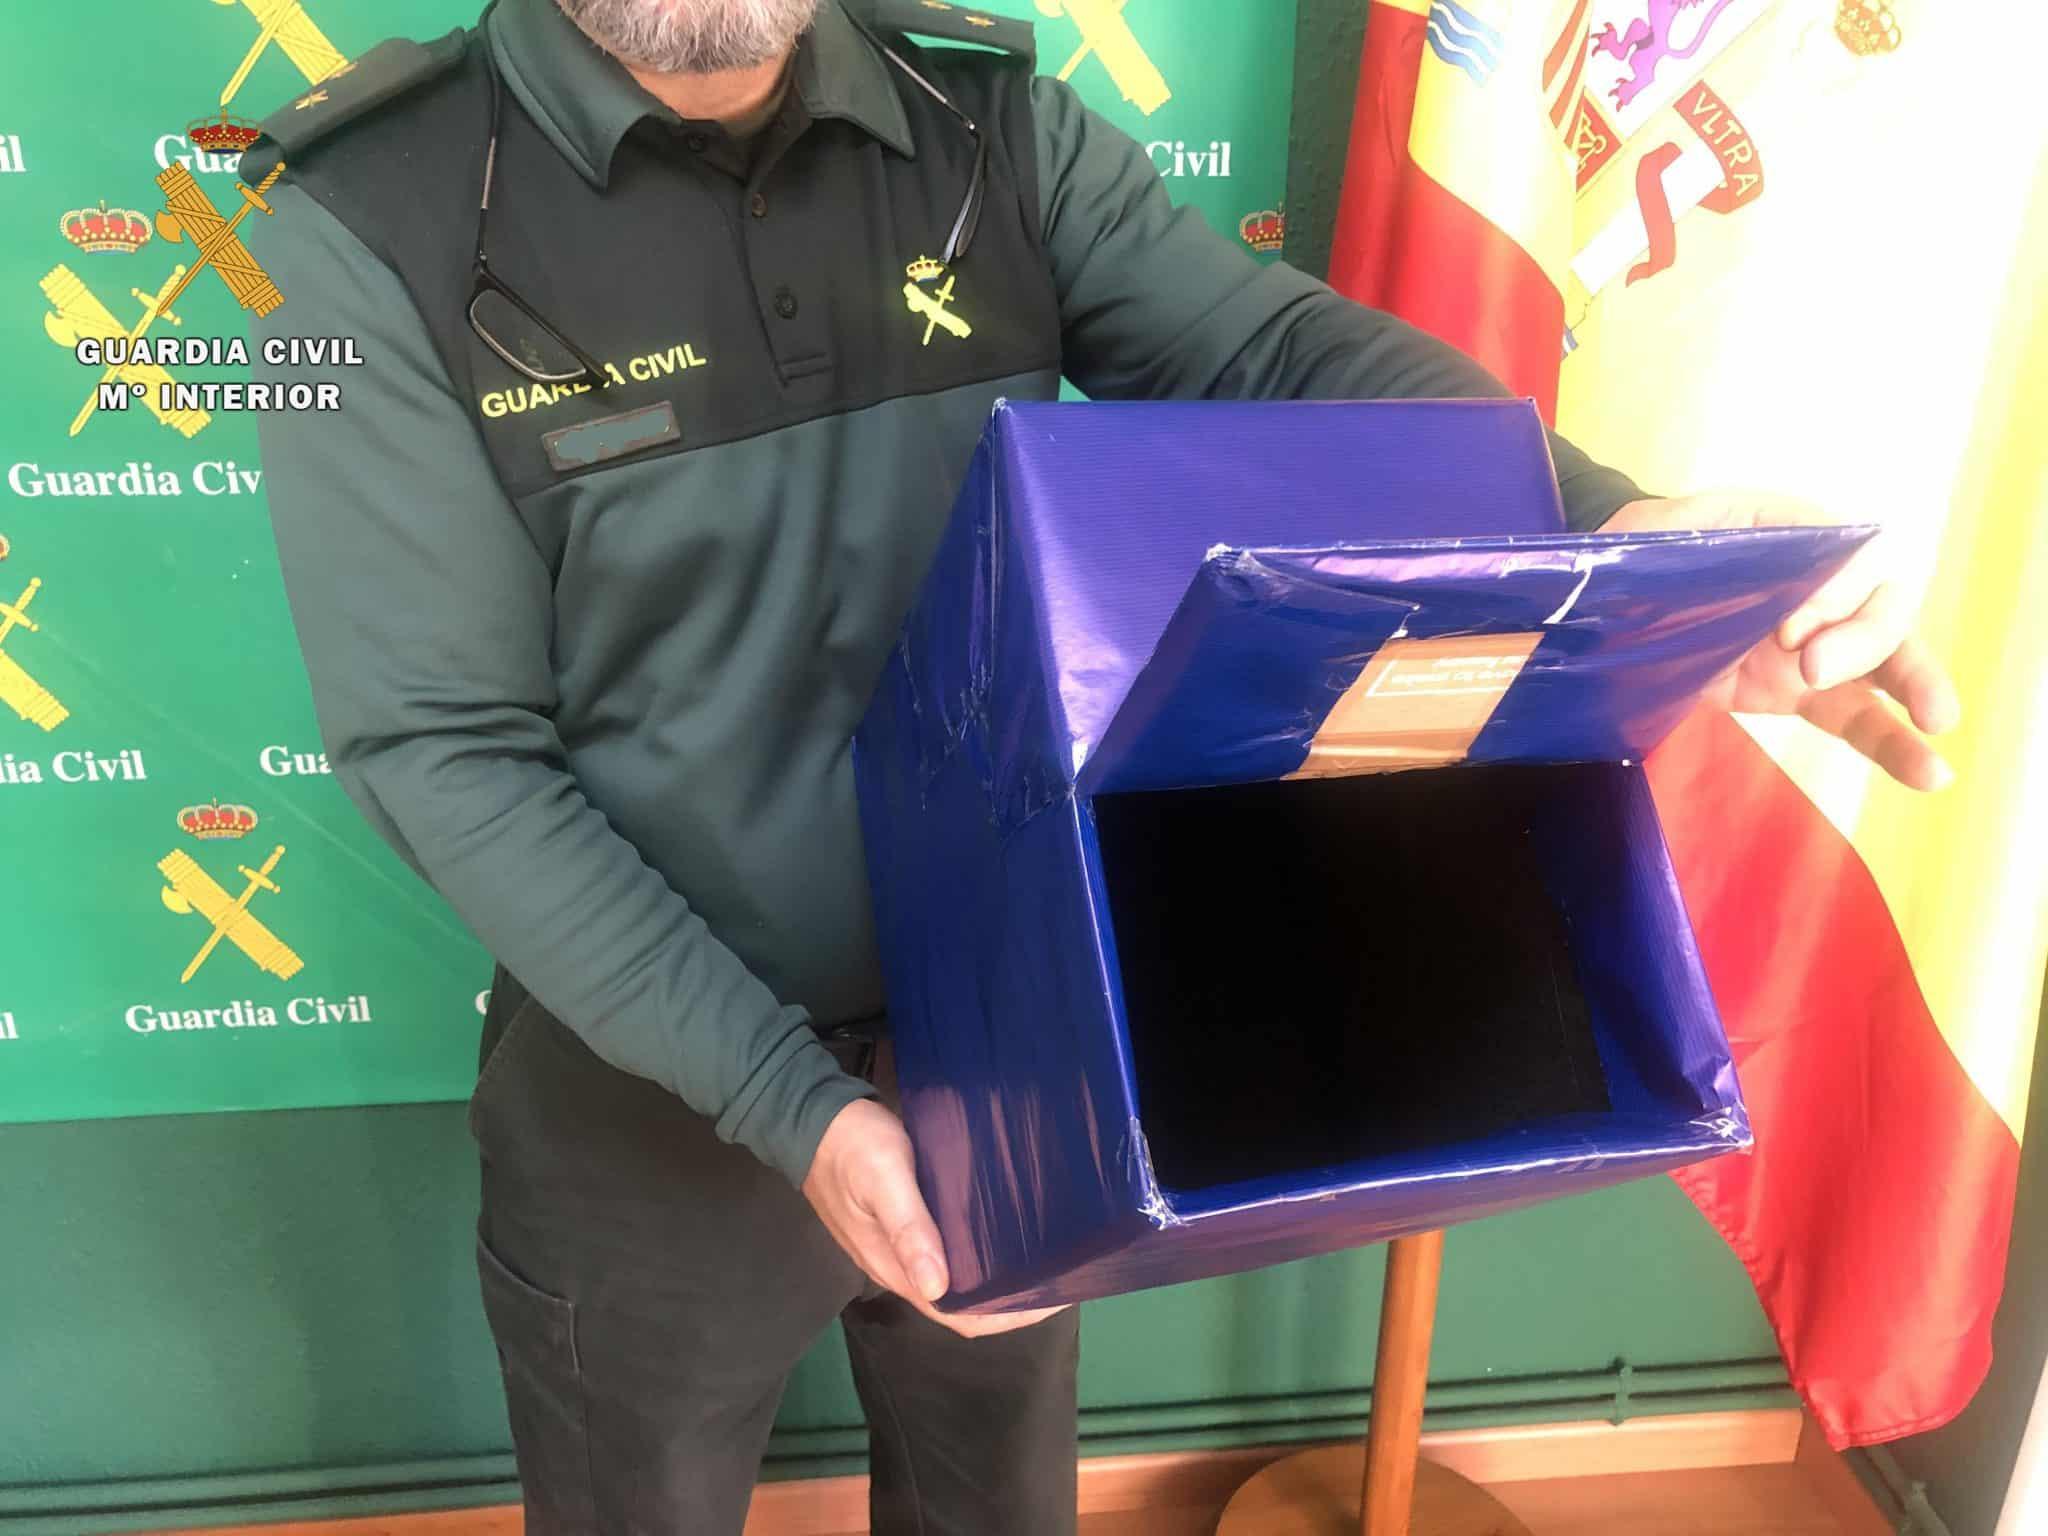 La Guardia Civil alerta a los comercios riojanos del uso de bolsas 'faraday' 1